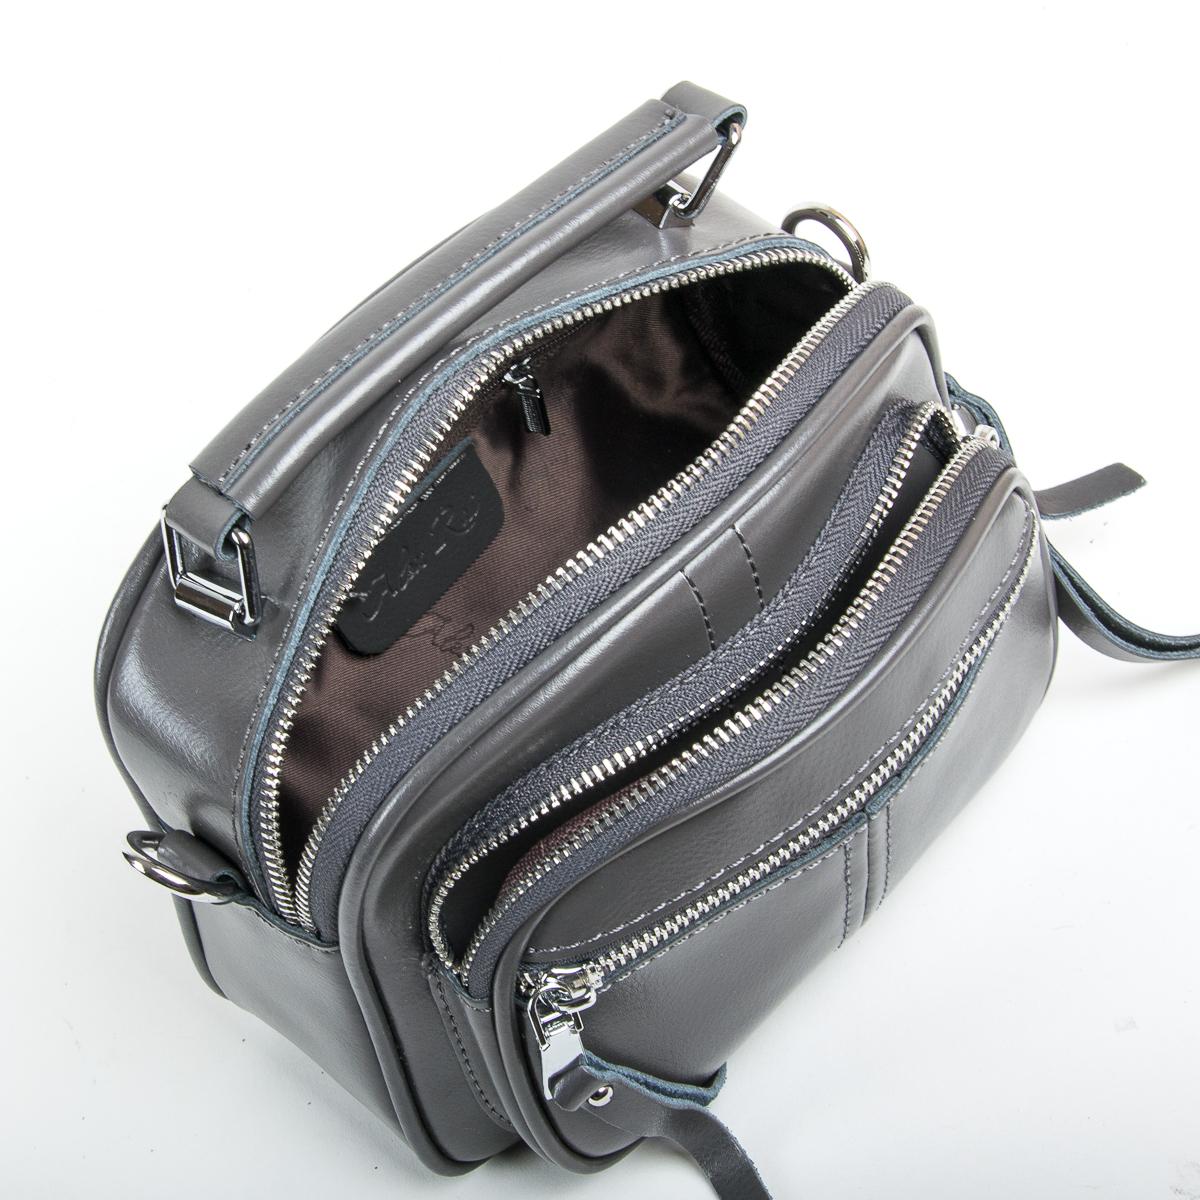 Сумка Женская Клатч кожа ALEX RAI 9-01 8802 grey - фото 5